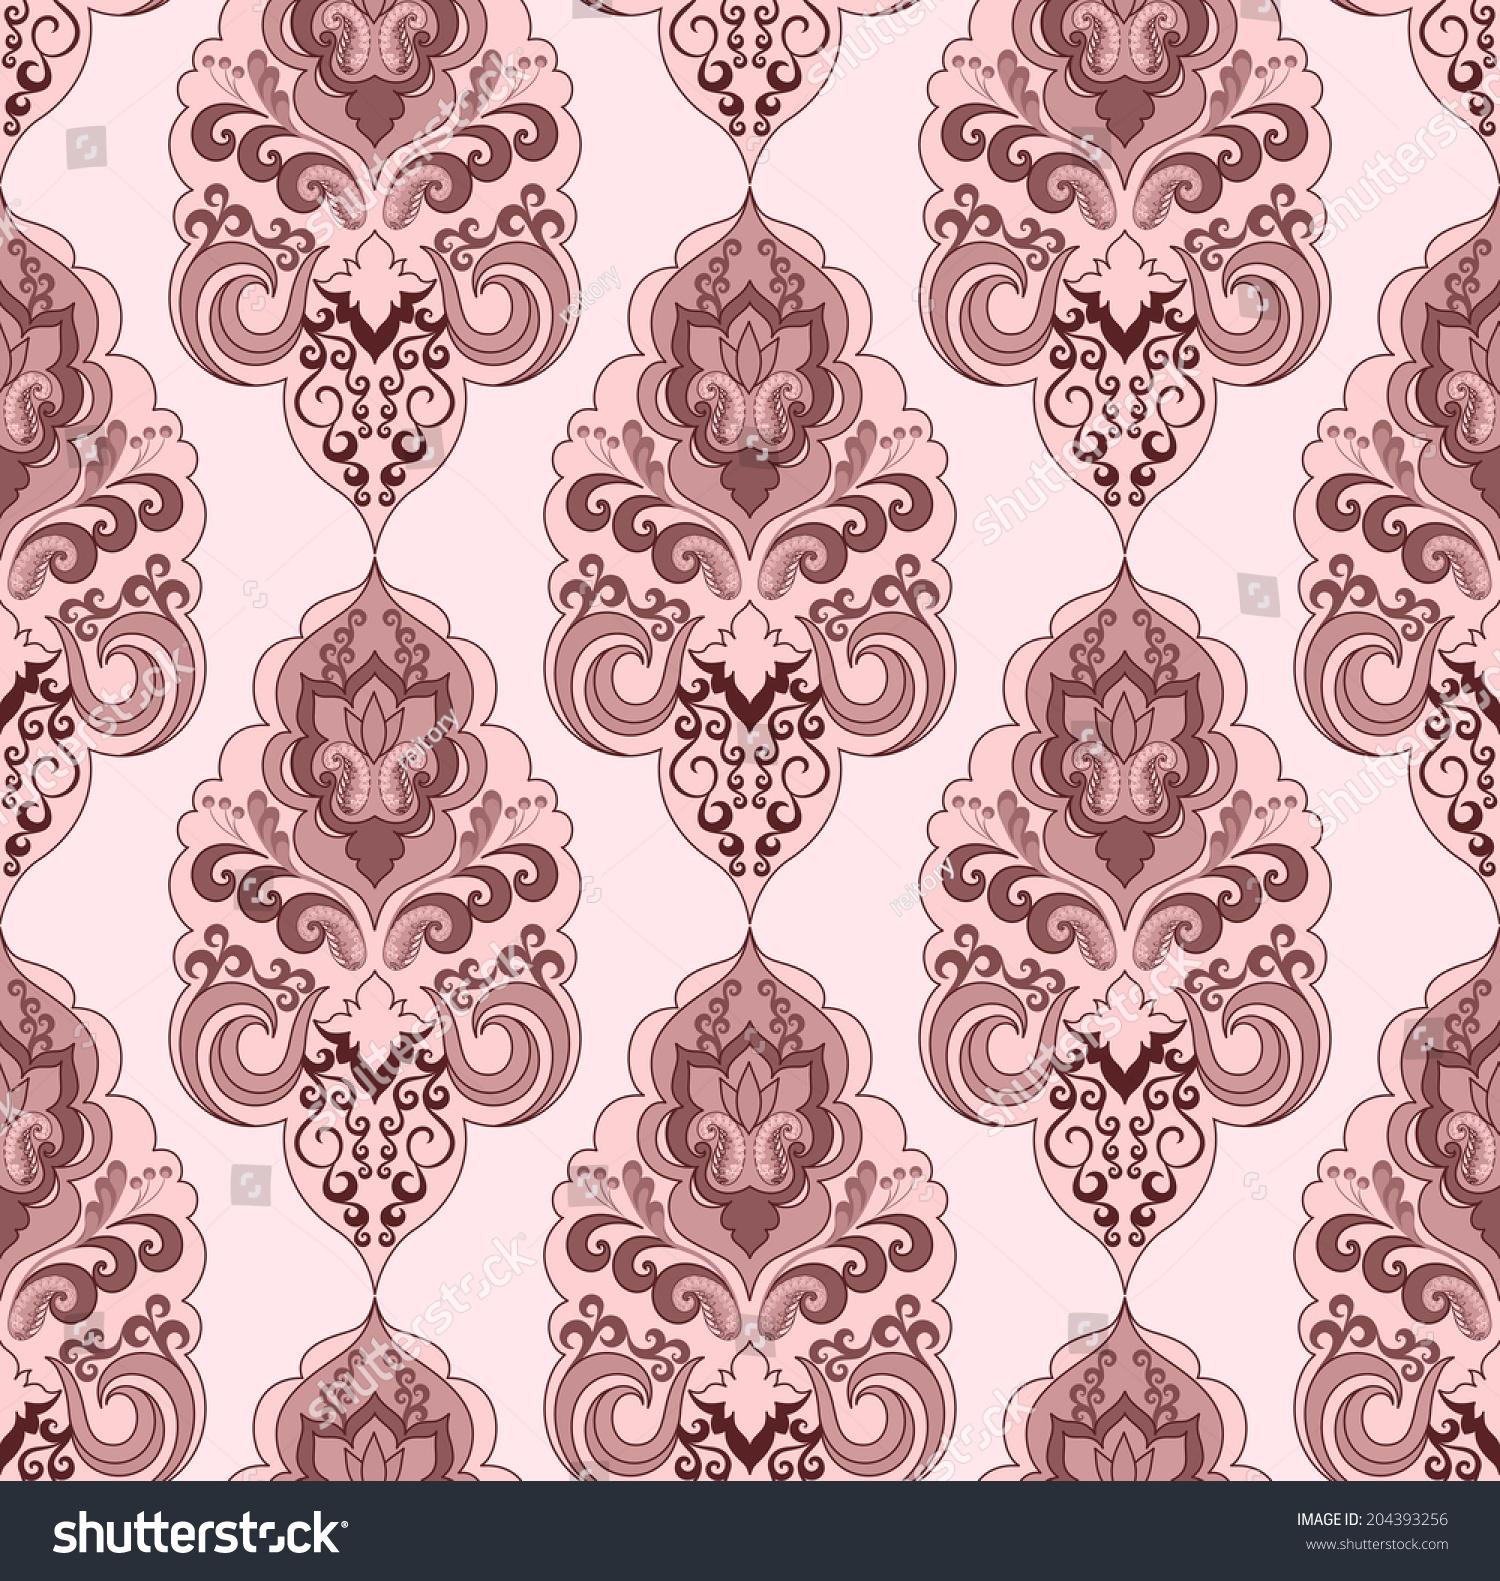 大马士革模式粉红色调在浅色背景-背景/素材